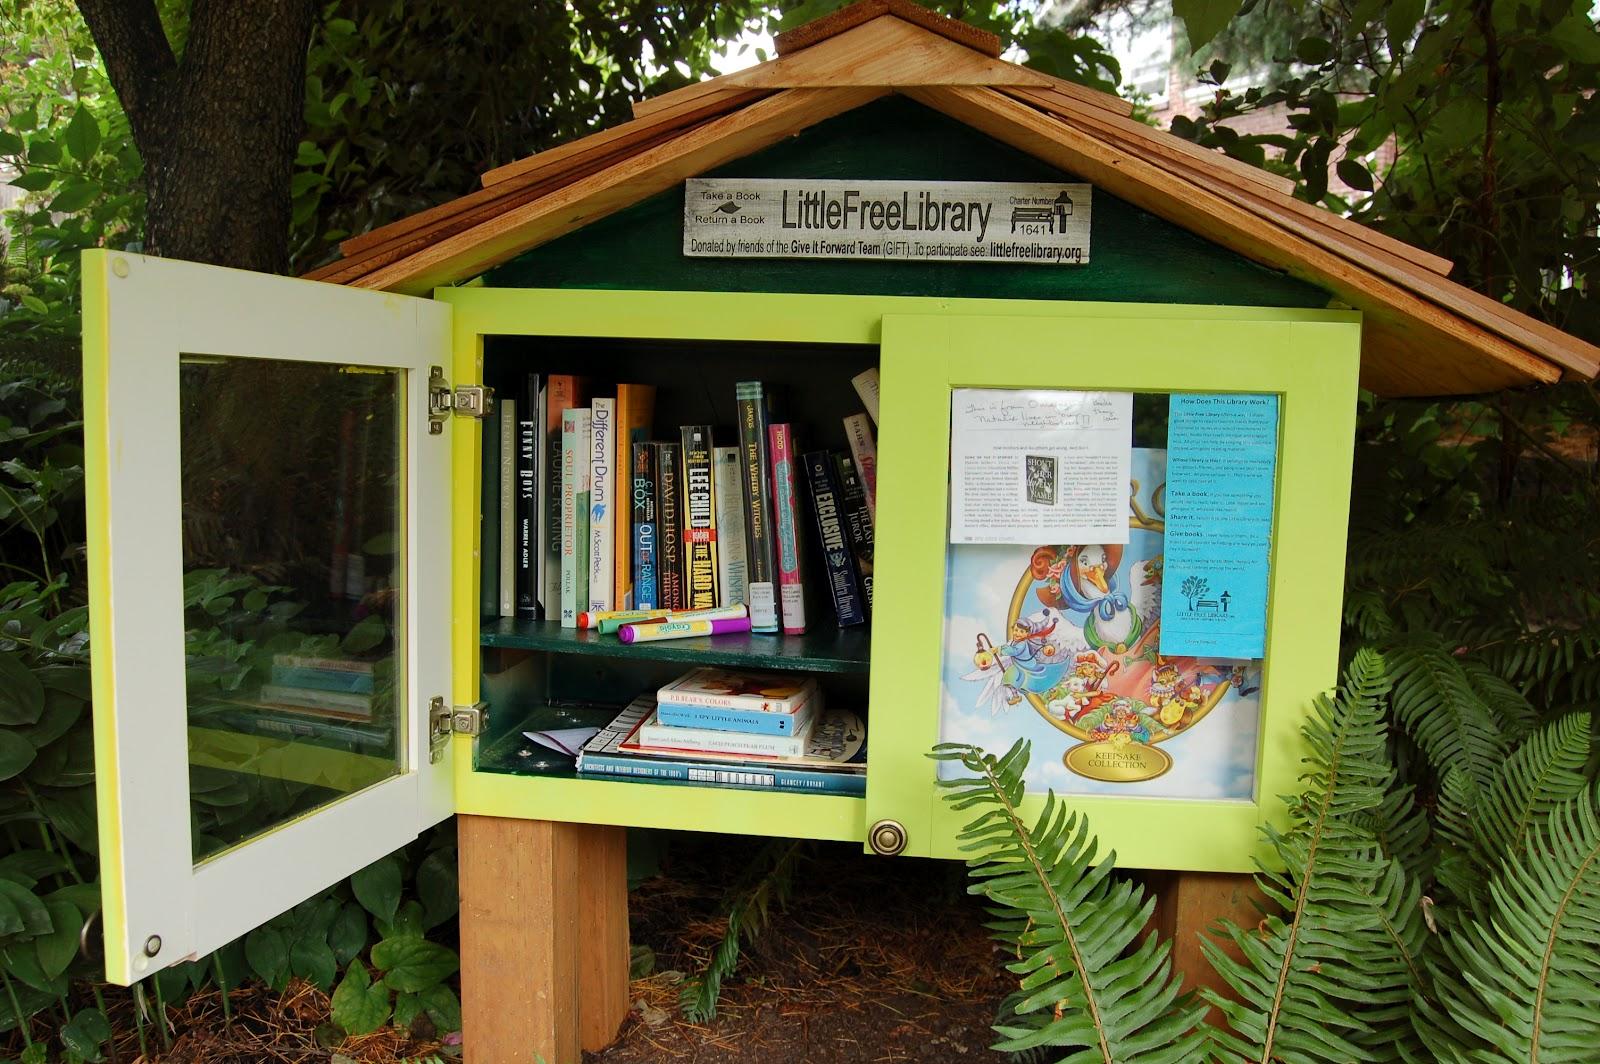 Βιβλιοθήκες στις ΗΠΑ μετατρέπονται σε αποθήκες ειδών πρώτης ανάγκης